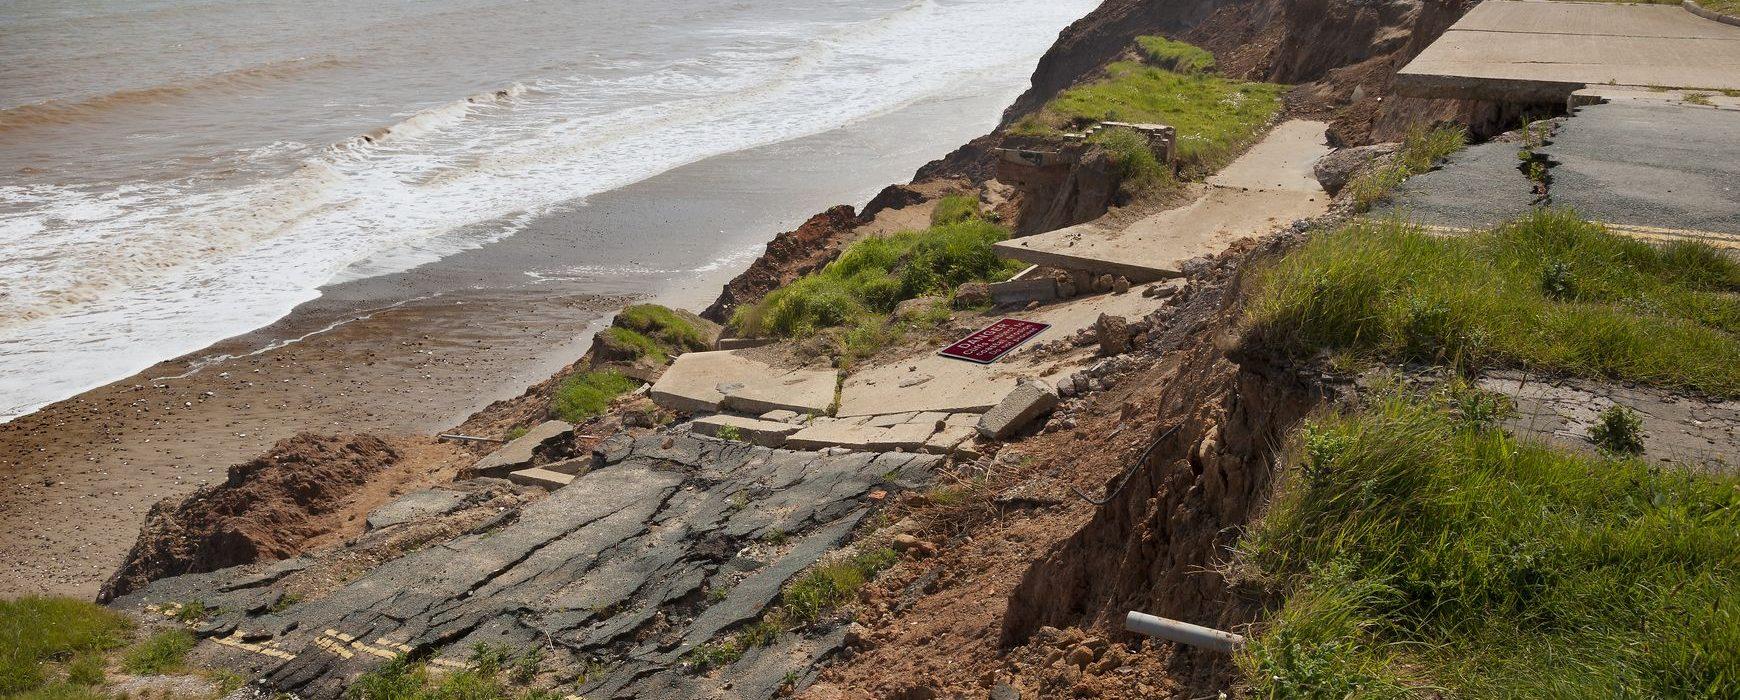 Érosion côtière et mesures d'atténuation